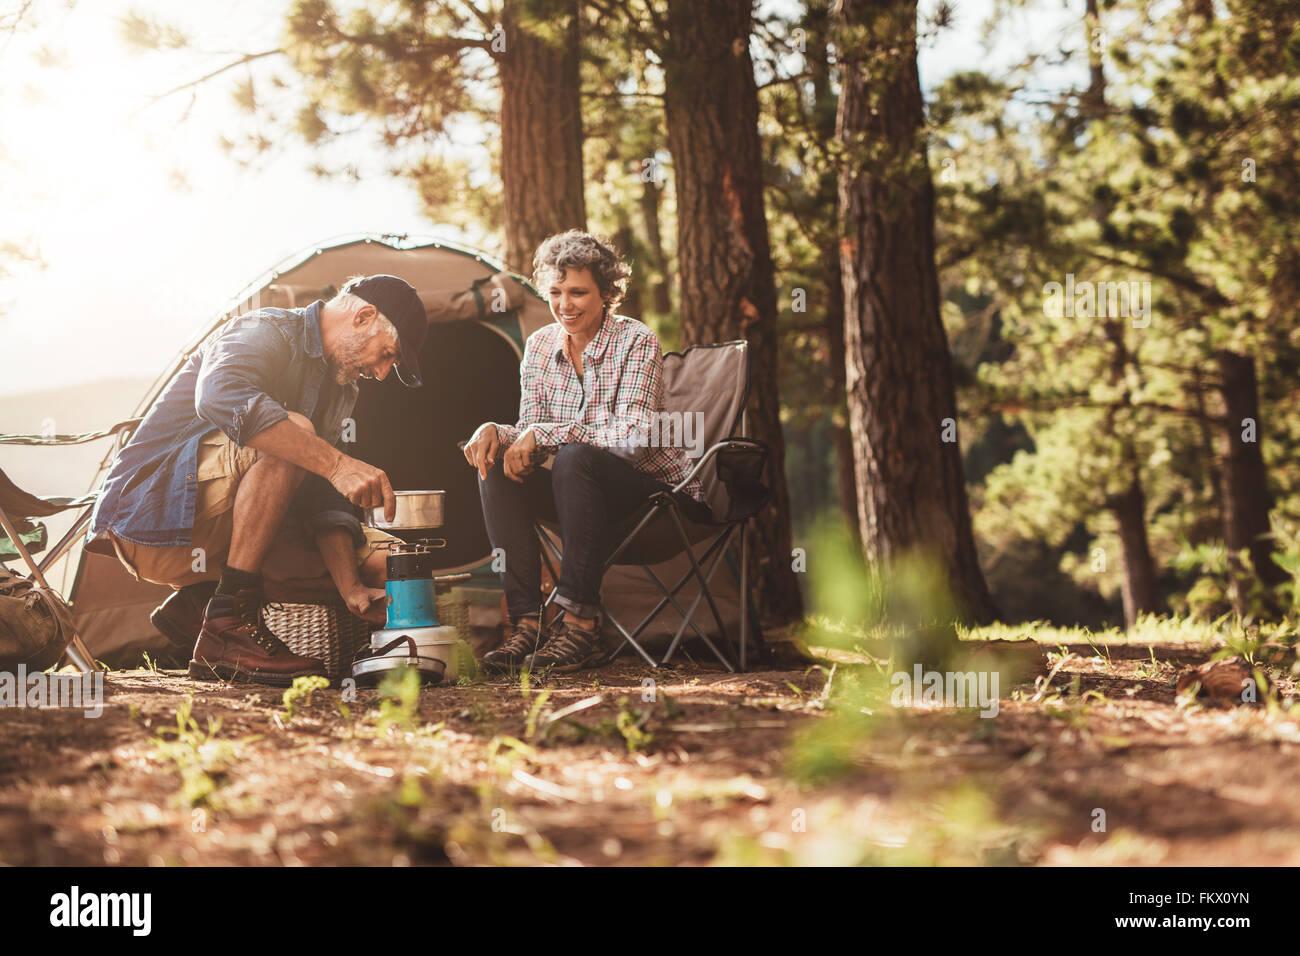 Campistas felices al aire libre en el desierto y hacer el café en una estufa. Las parejas ancianas en un camping Imagen De Stock